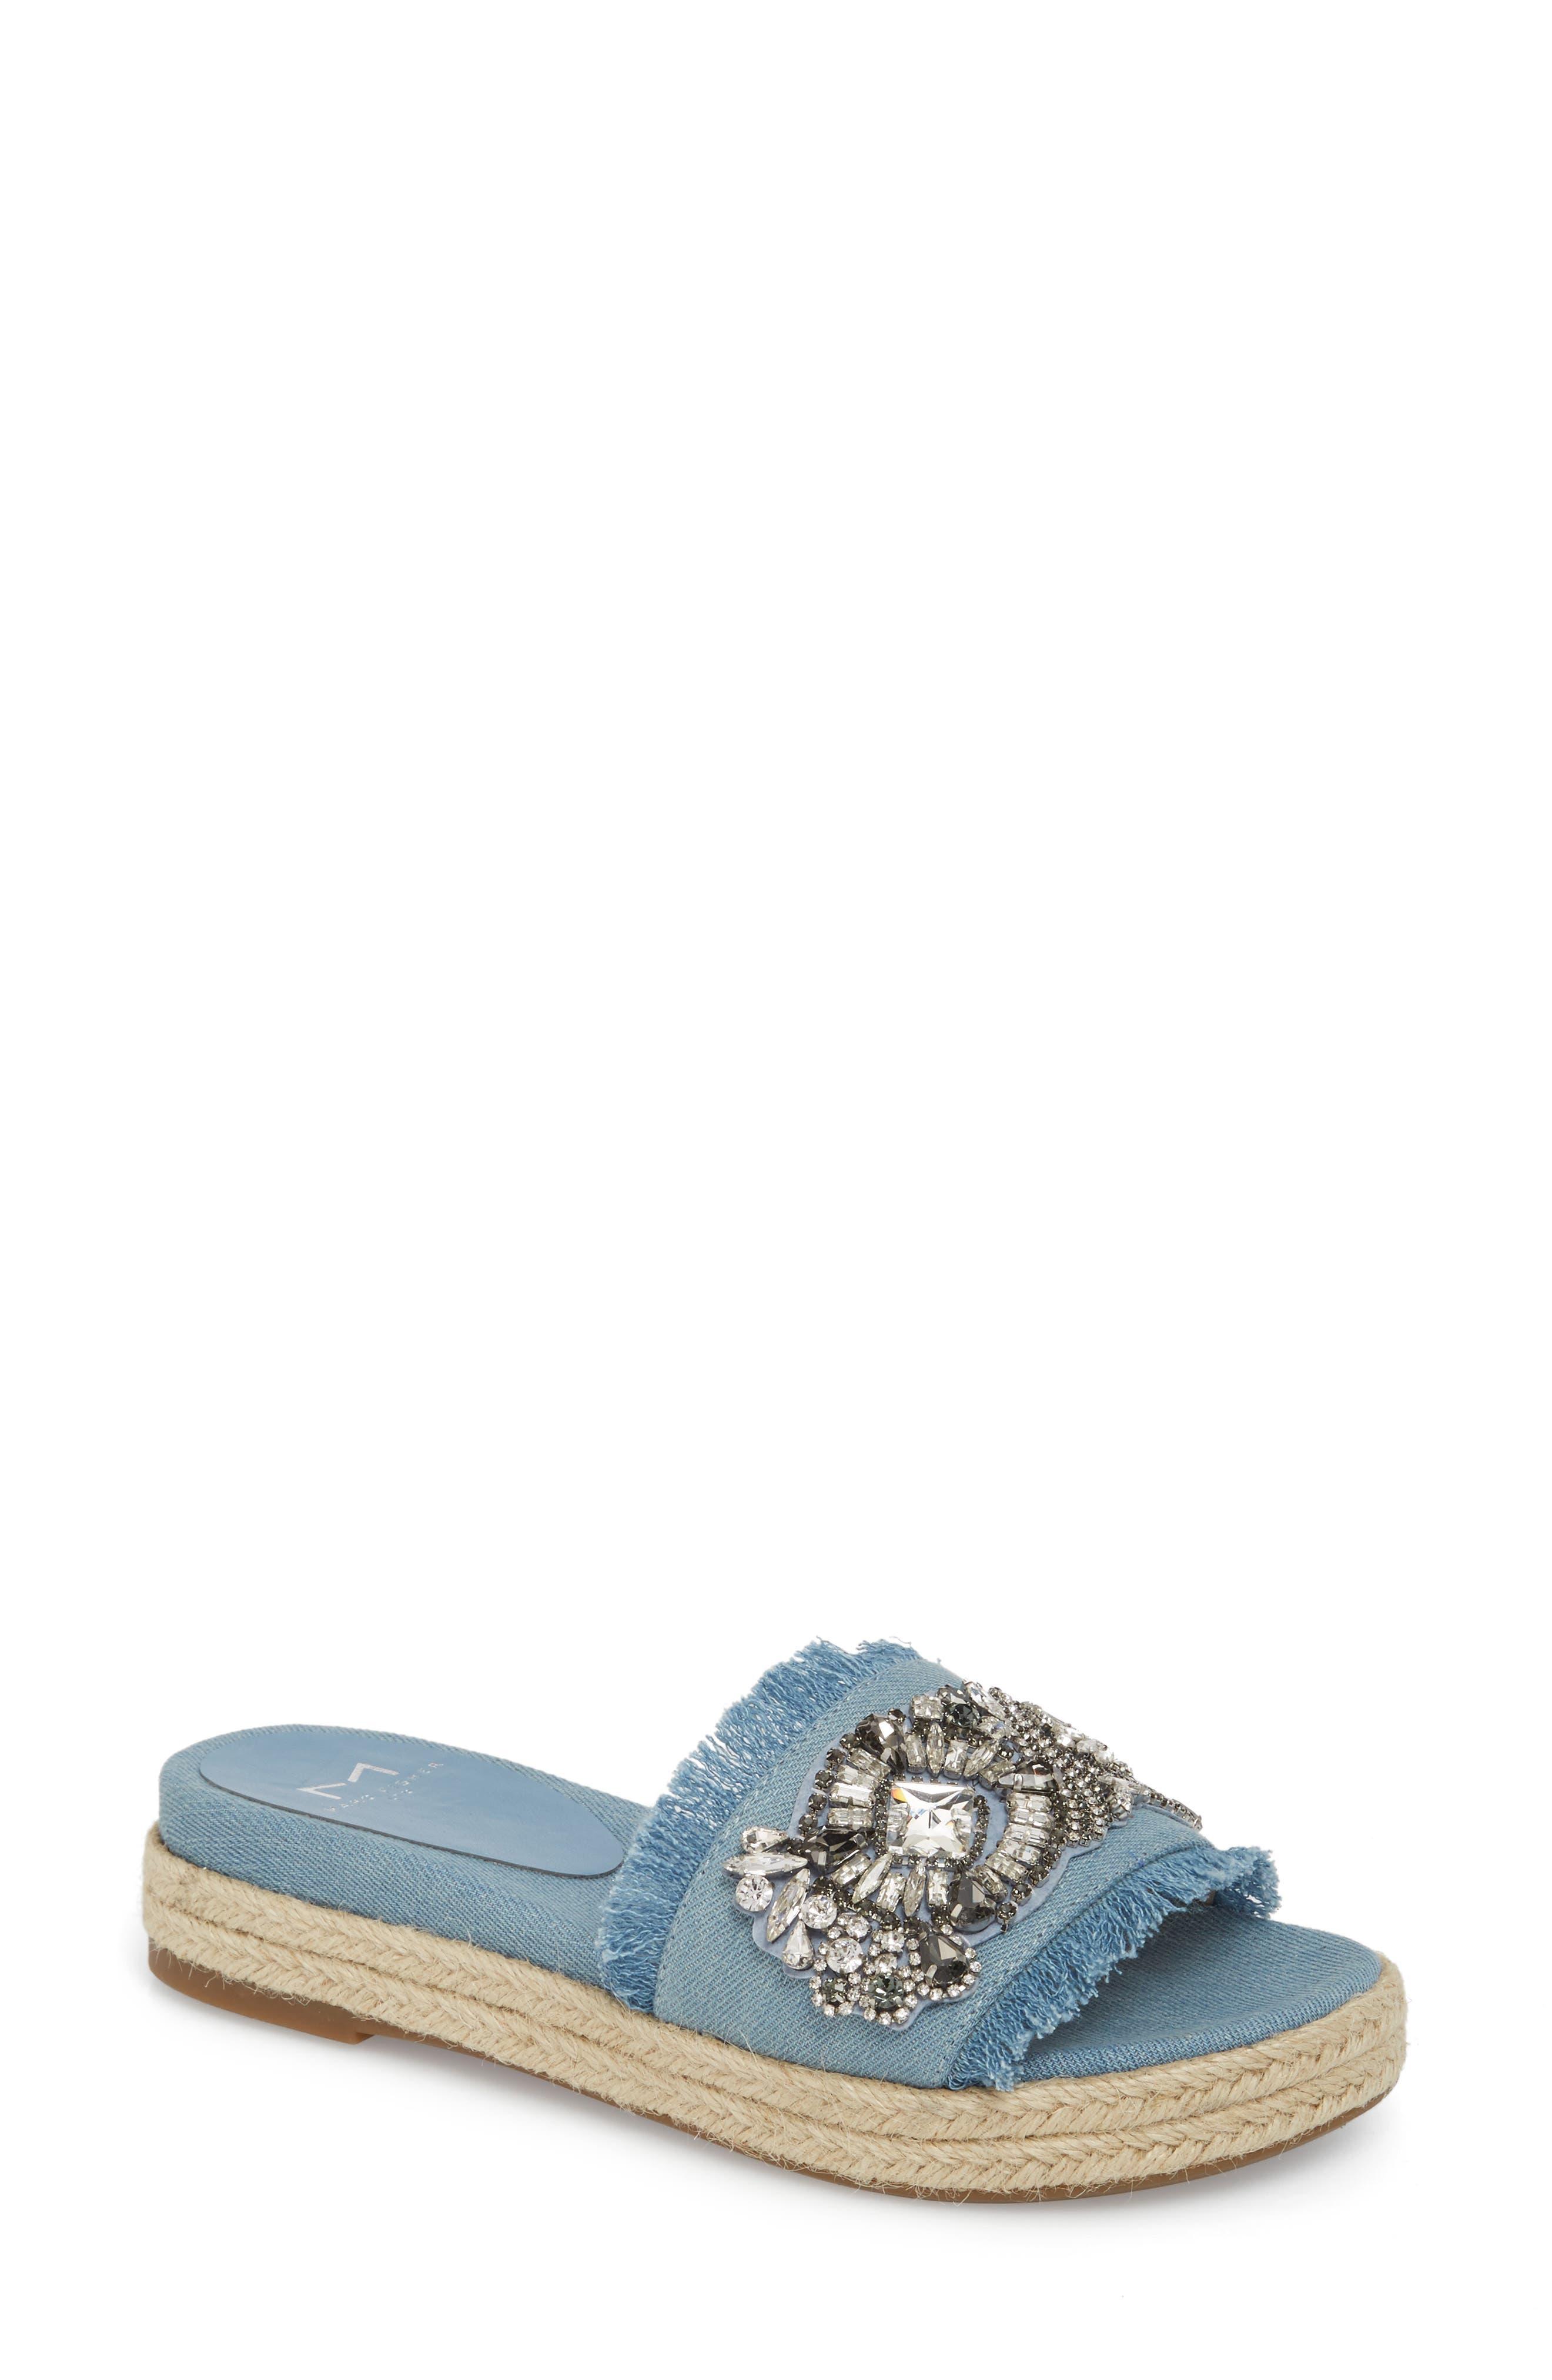 Marc Fisher LTD Jelly II Embellished Sandal (Women)